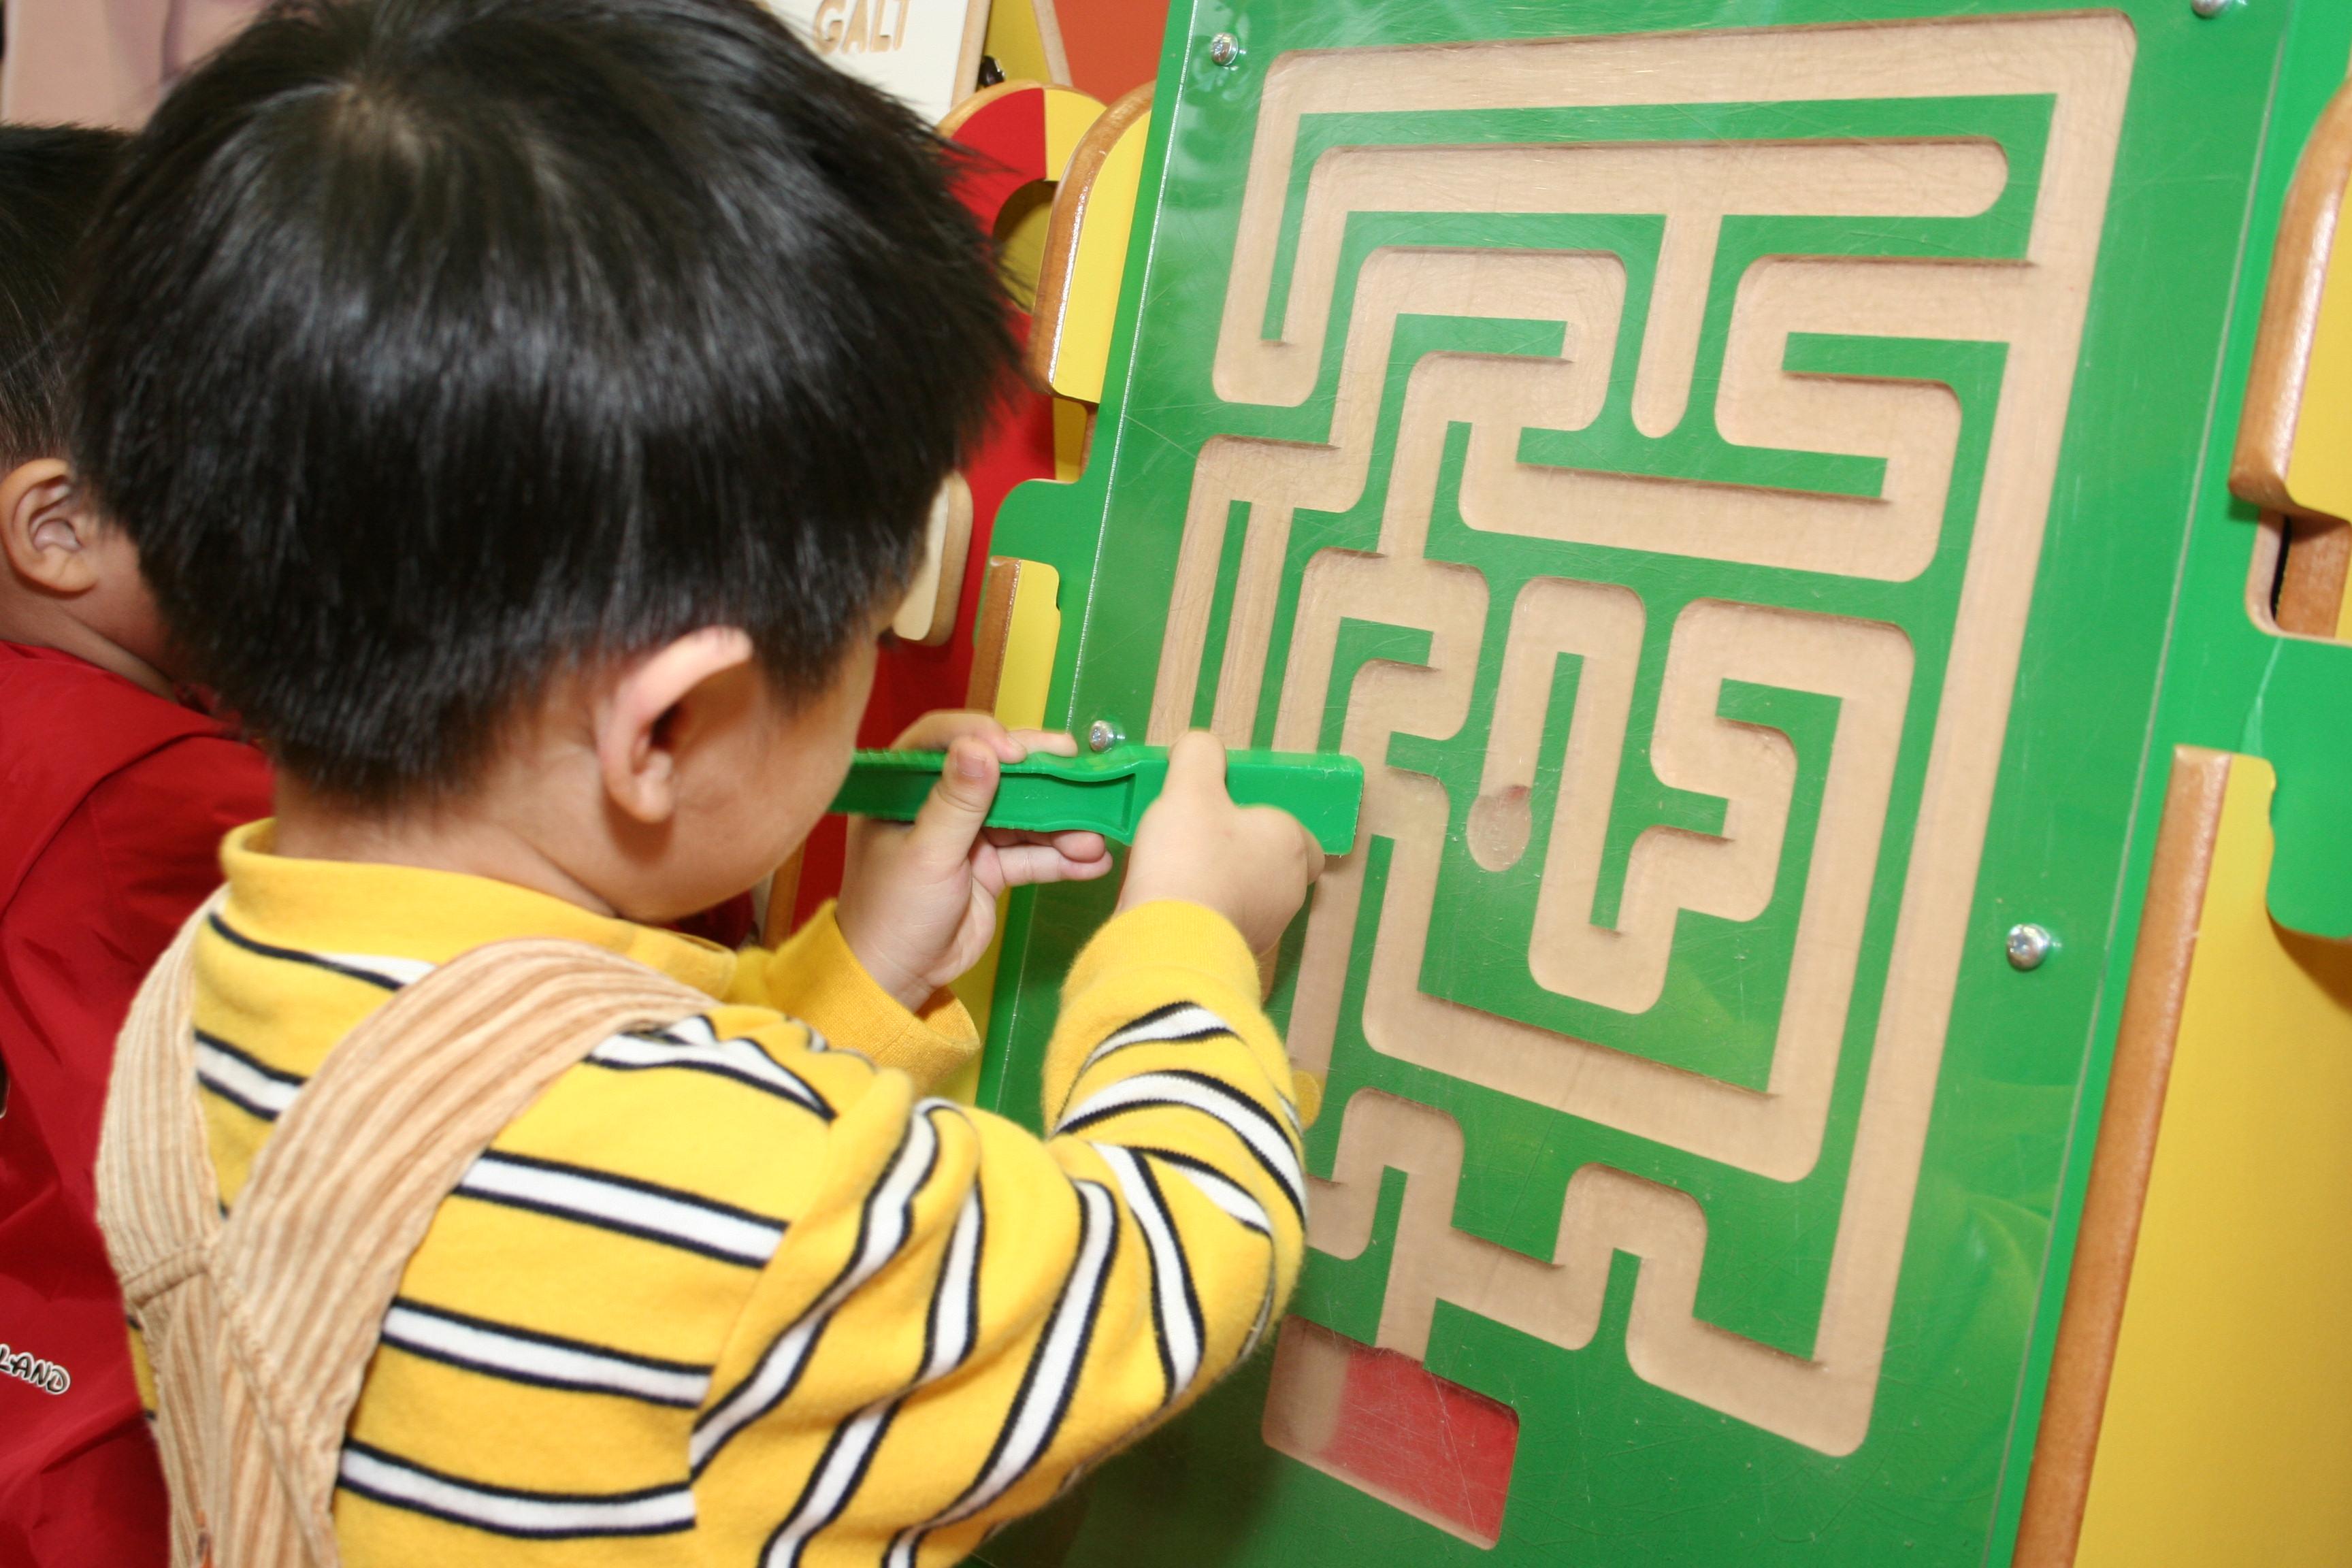 親子遊戲室內的玩具和遊戲,讓兒童在輕鬆愉快的環境下表達個人的思想和感情,而家長亦可藉着閉路電視系統,觀察子女在遊戲時的行為和表現。